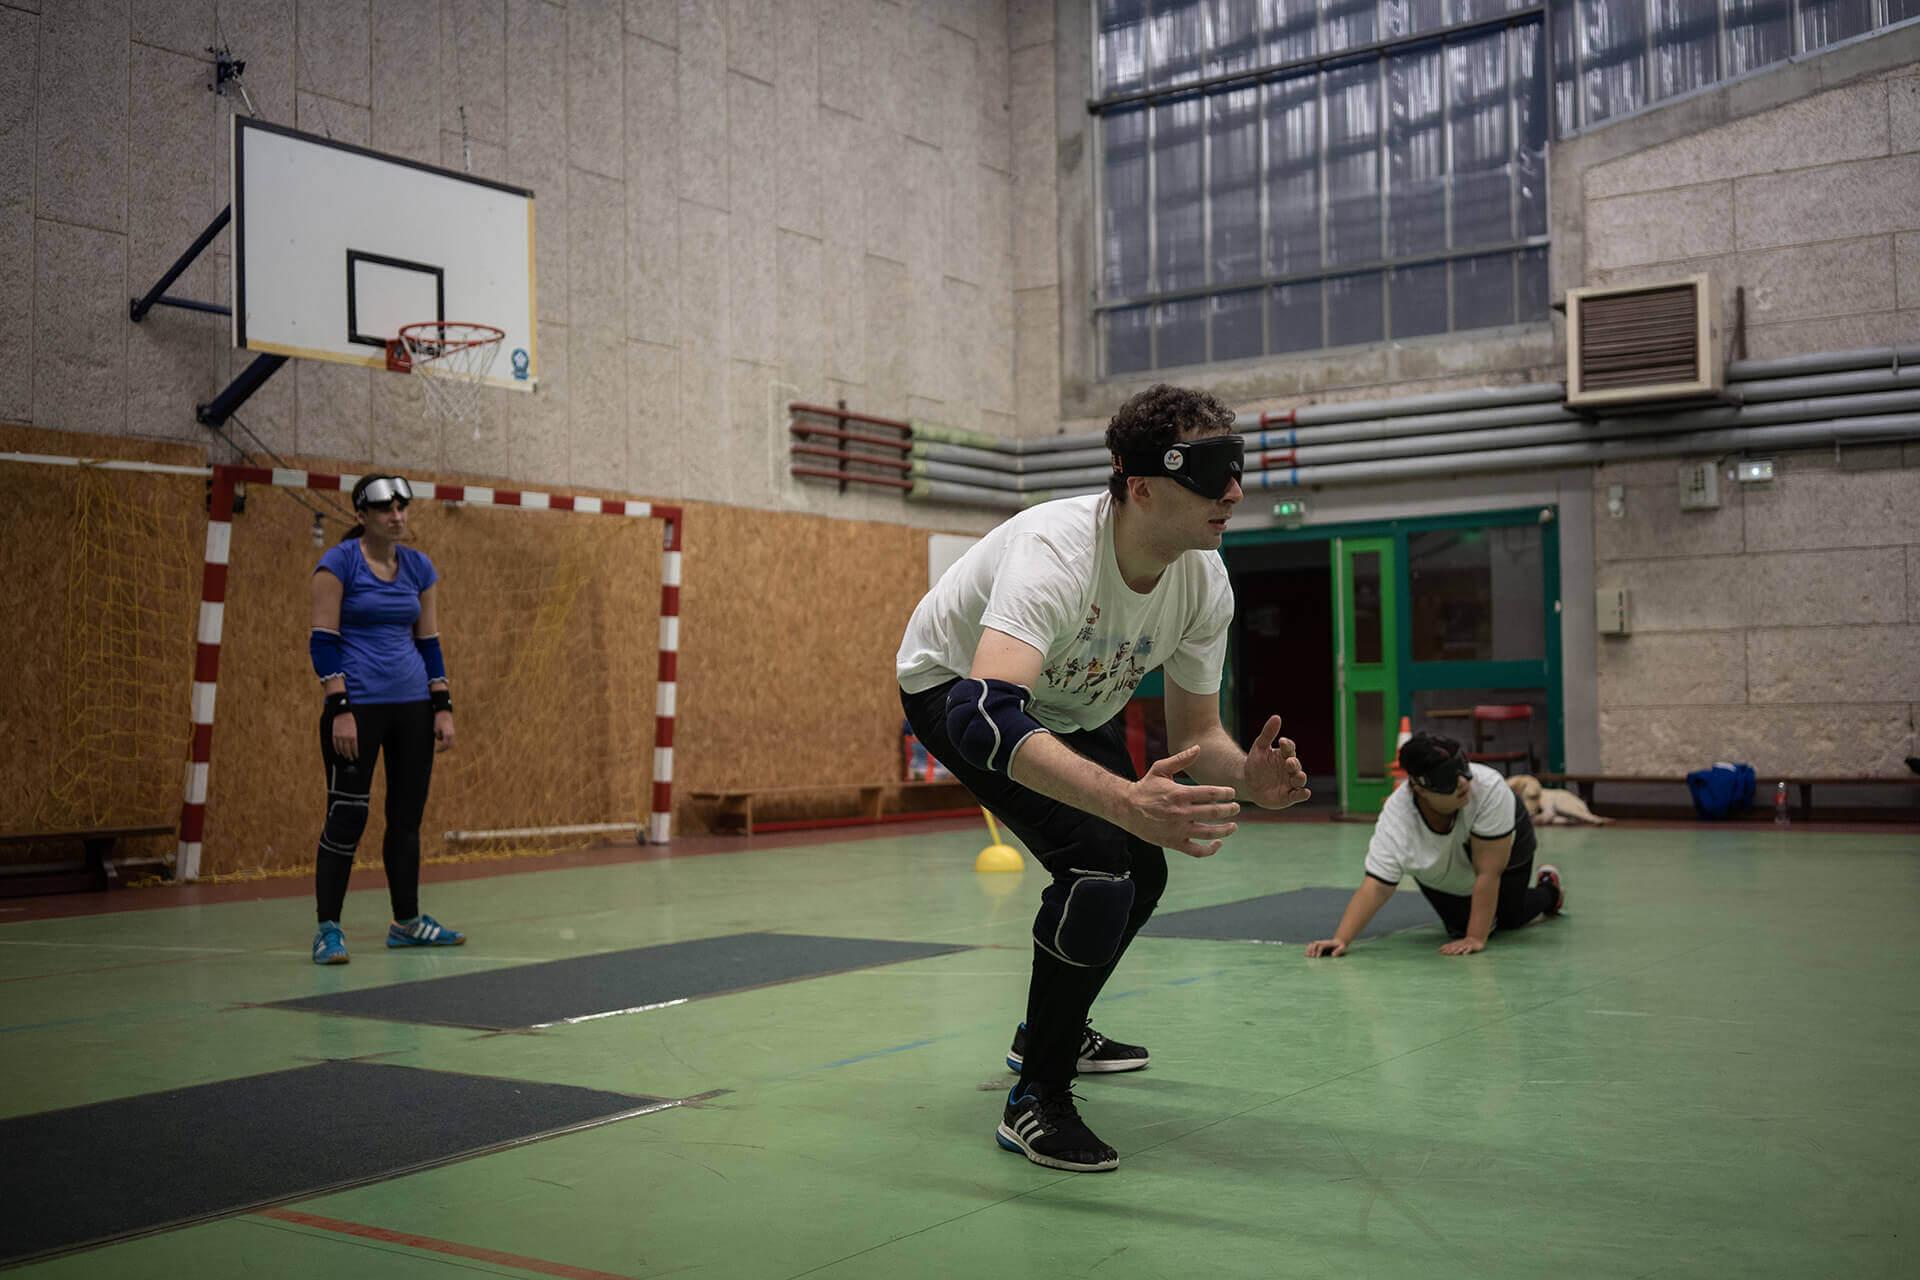 Dans un gymnase de Villeurbanne : à gauche de la photo, Nadège, puis Haris au centre et enfin Meryem, à droite. Ils jouent au torball. Haris, jambes fléchies et bras pliés, attend la balle qui doit arriver face à lui.